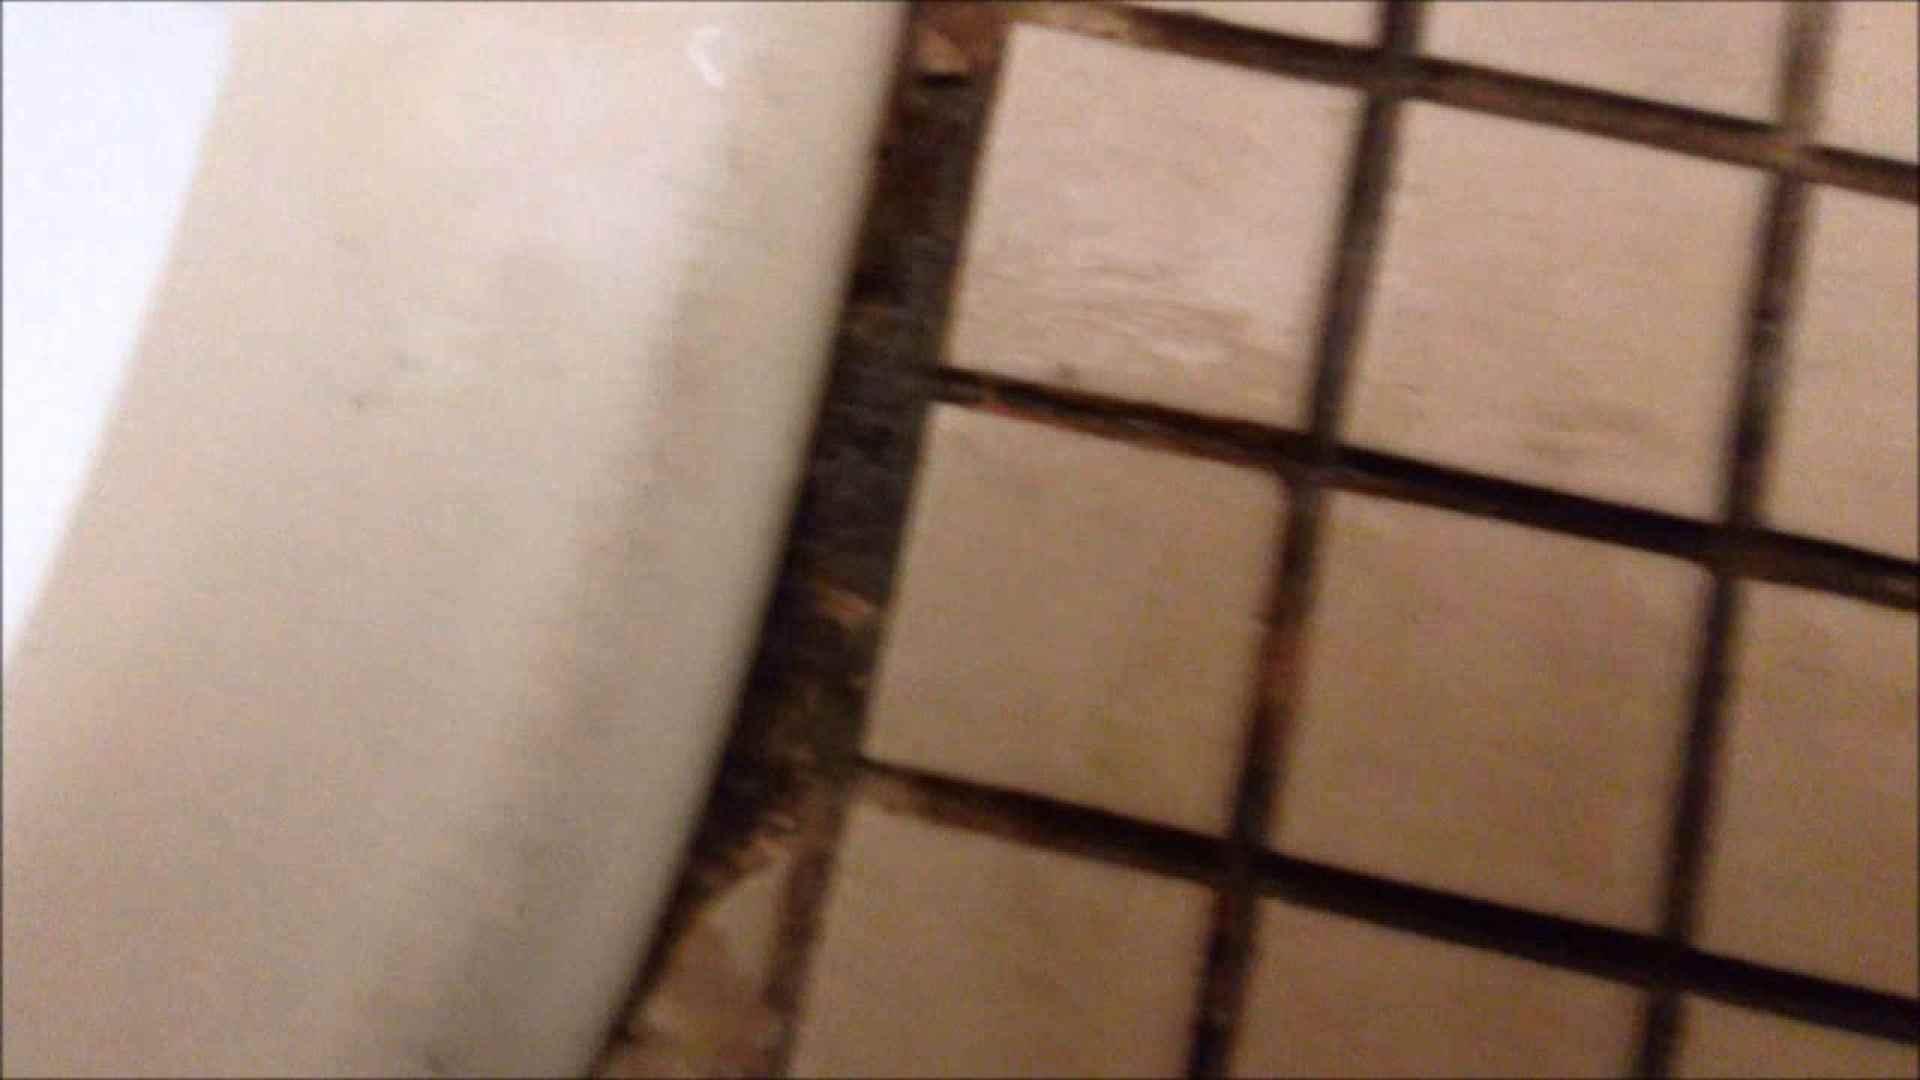 某有名大学女性洗面所 vol.11 OLエロ画像 盗撮動画紹介 74PICs 18